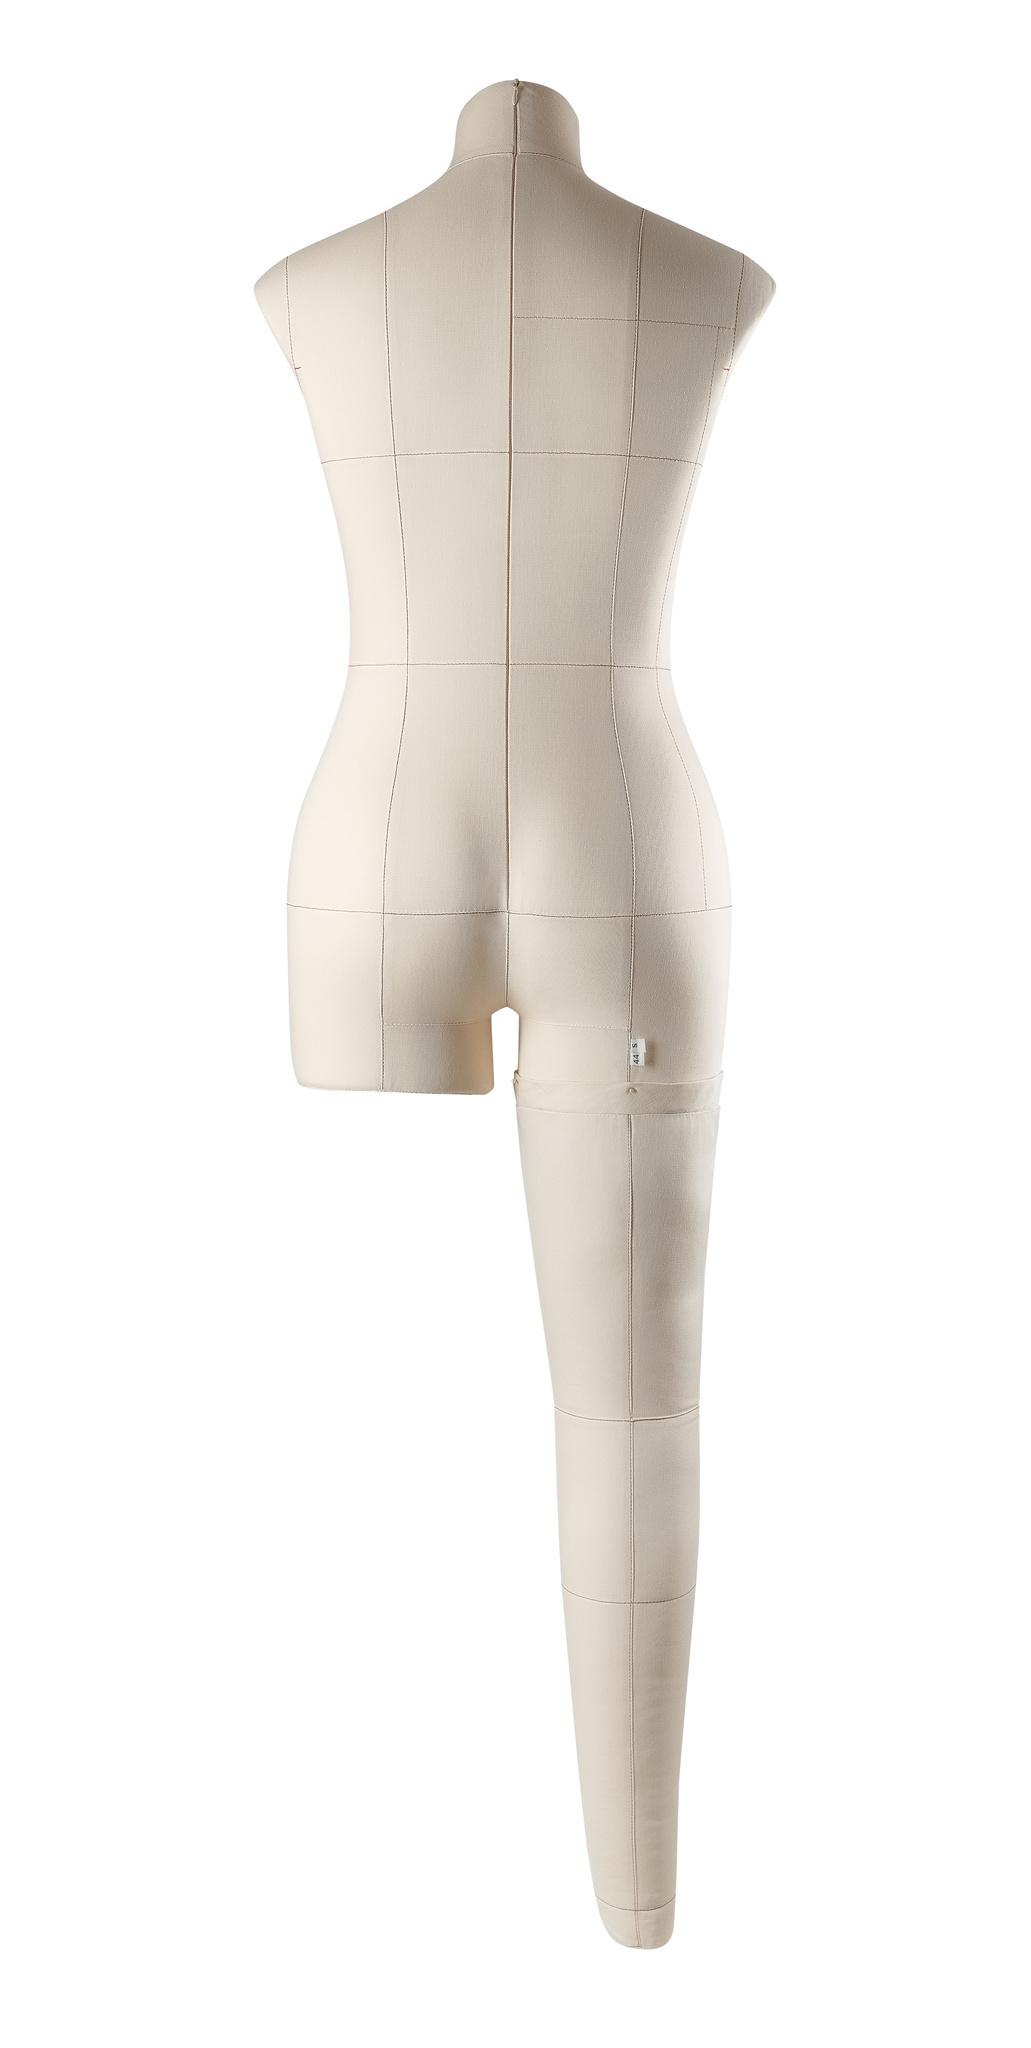 Нога для манекена Моника, размер 44 тип фигуры Песочные часы, БежеваяФото 3